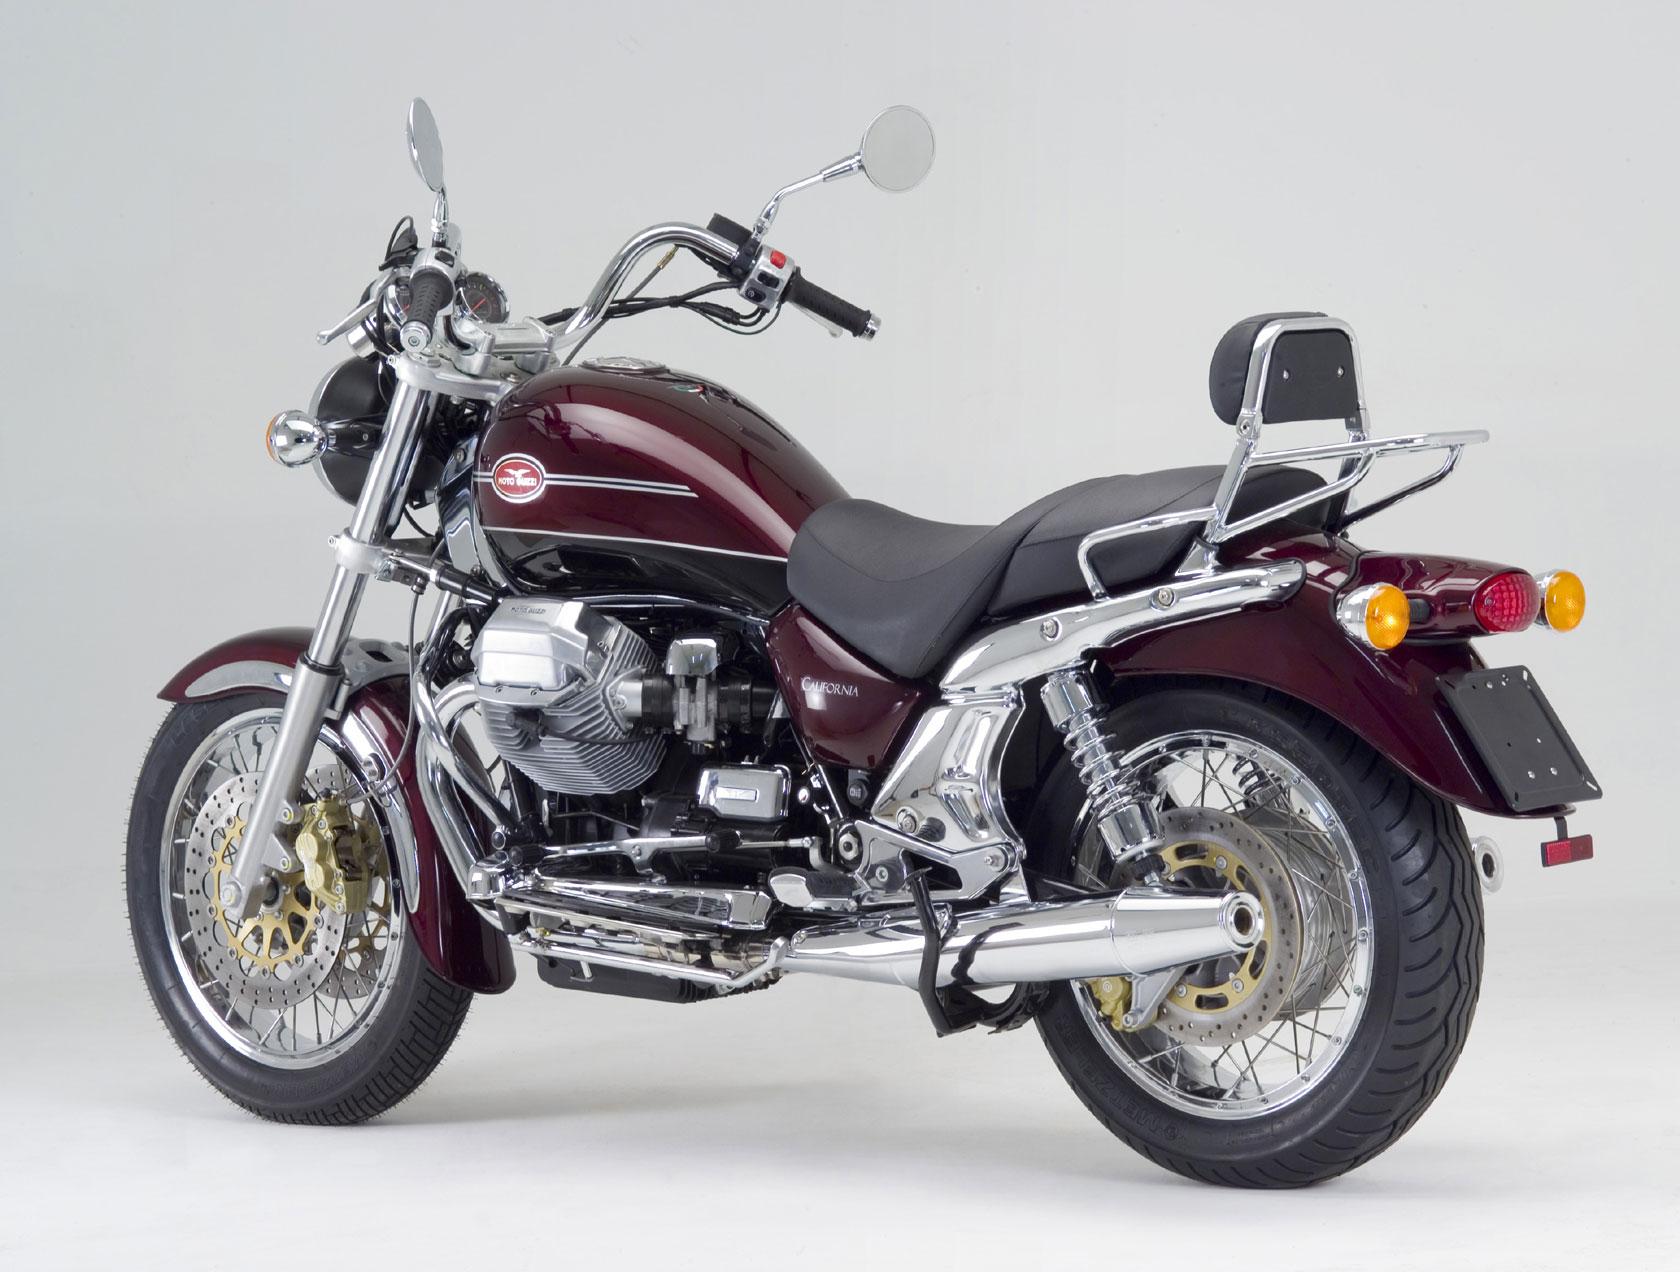 moto guzzi california classic specs - 2008, 2009 - autoevolution